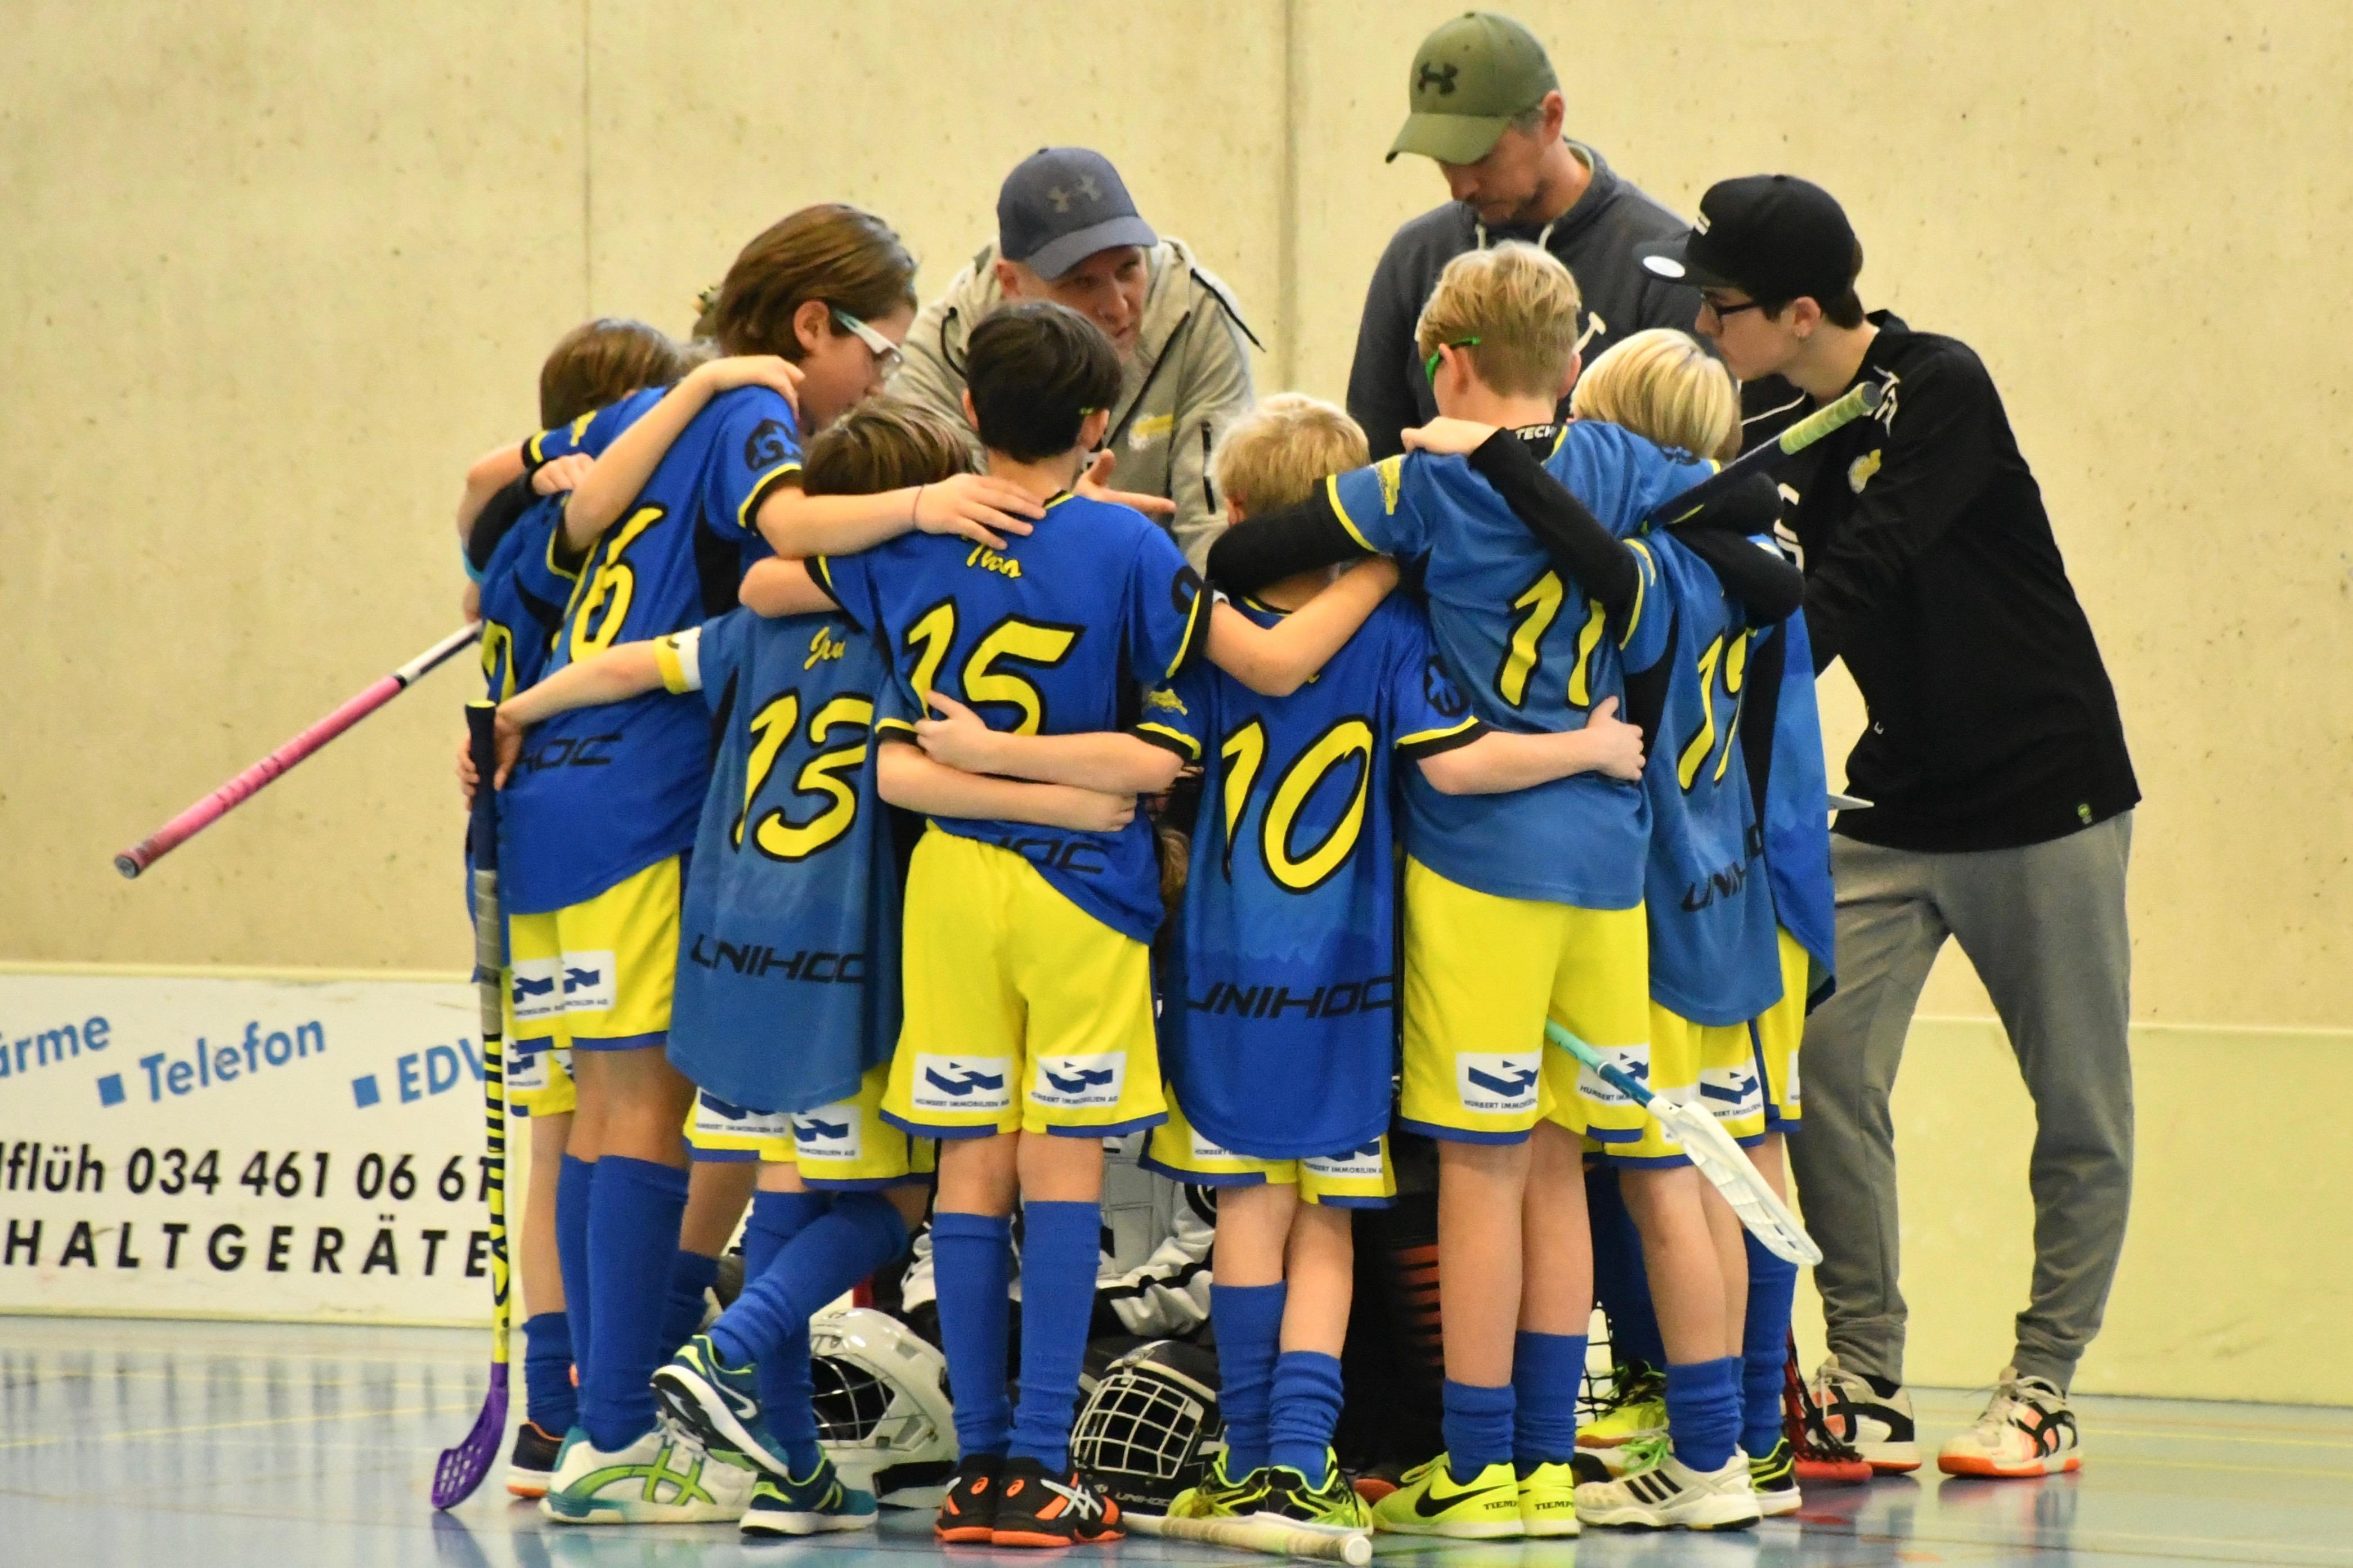 Junioren  D ll - UHT Schüpbach l, Saison 2018/19